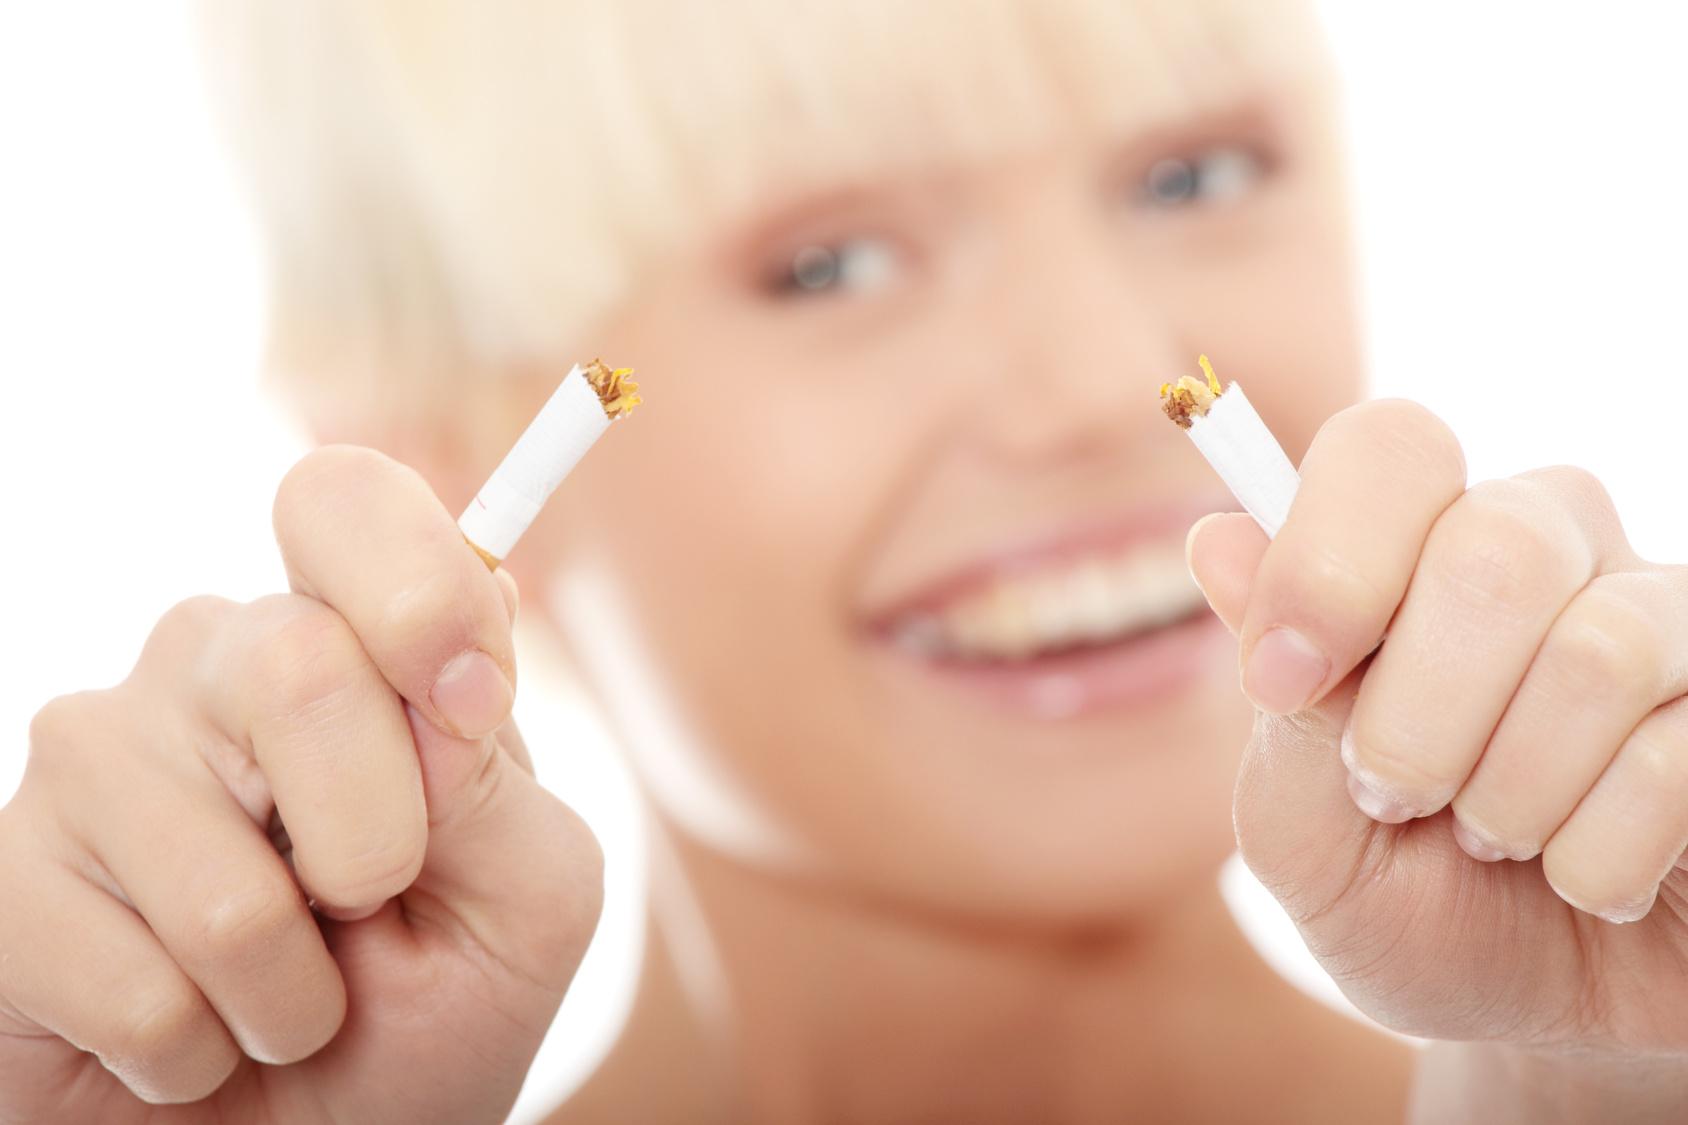 Come smettere di fumare senza ingrassare?